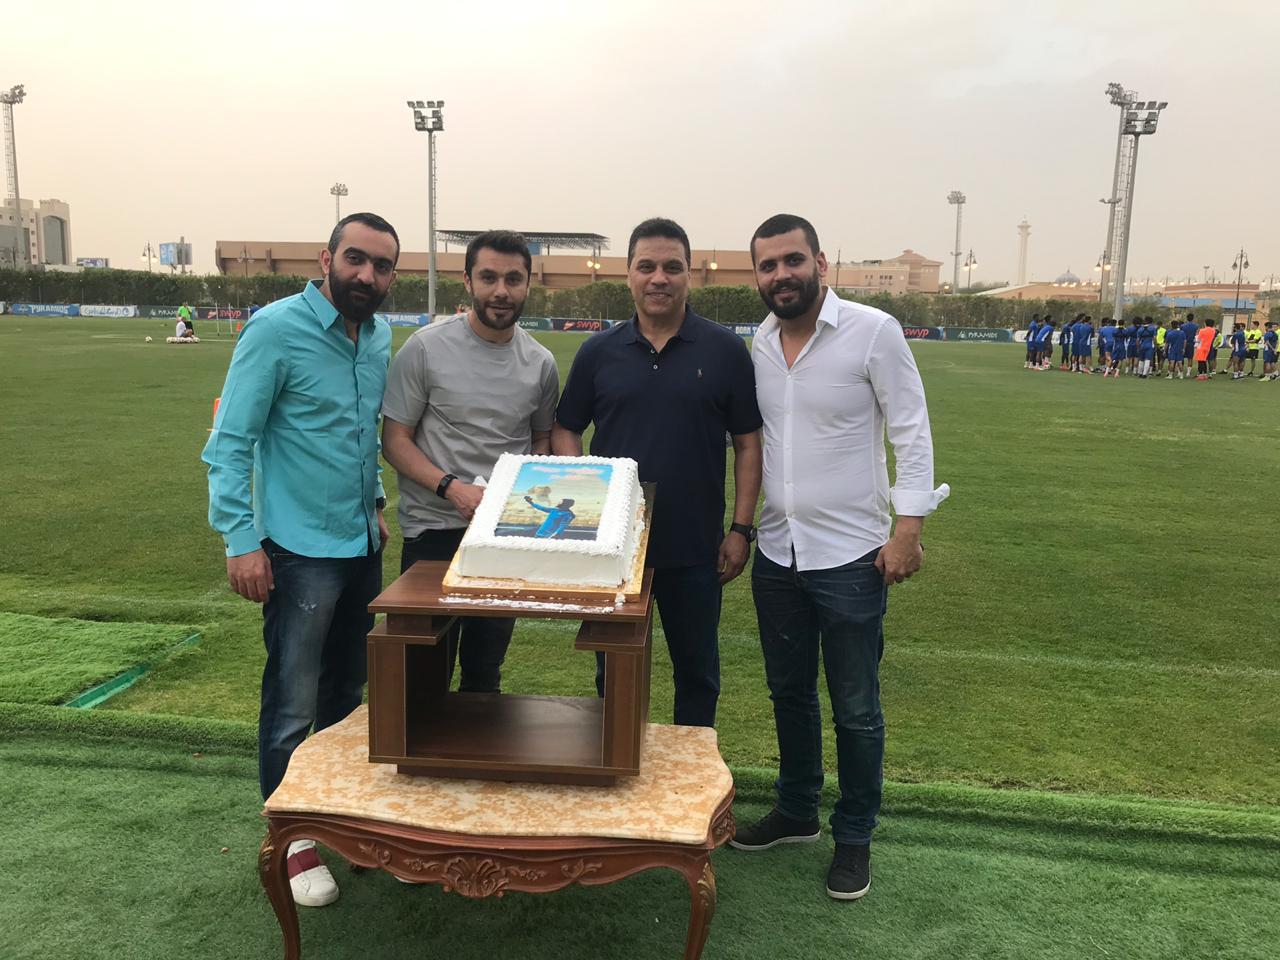 بيراميدز يحتفل بعيد ميلاد أحمد حسن فى حضور البدرى